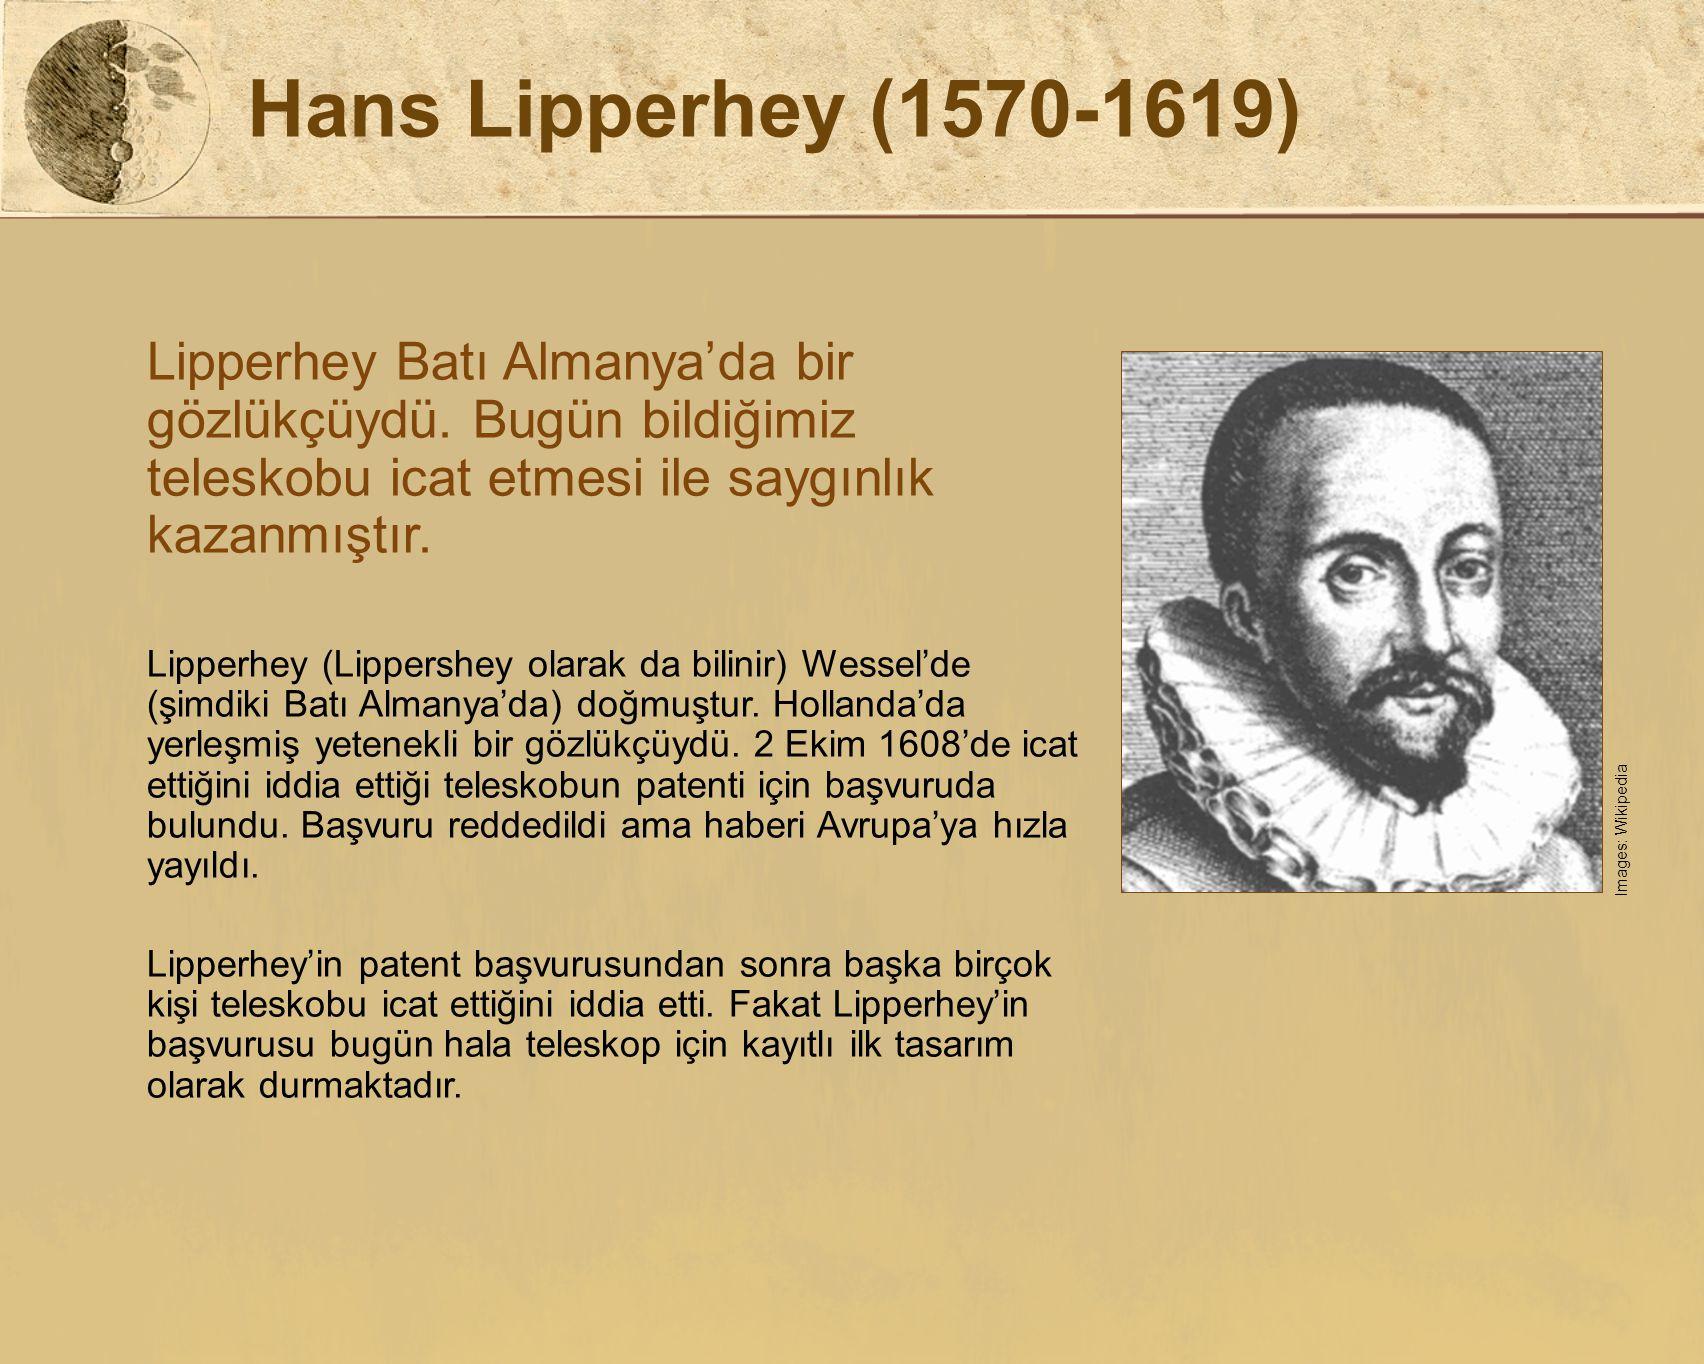 Hans Lipperhey (1570-1619) Lipperhey Batı Almanya'da bir gözlükçüydü. Bugün bildiğimiz teleskobu icat etmesi ile saygınlık kazanmıştır.